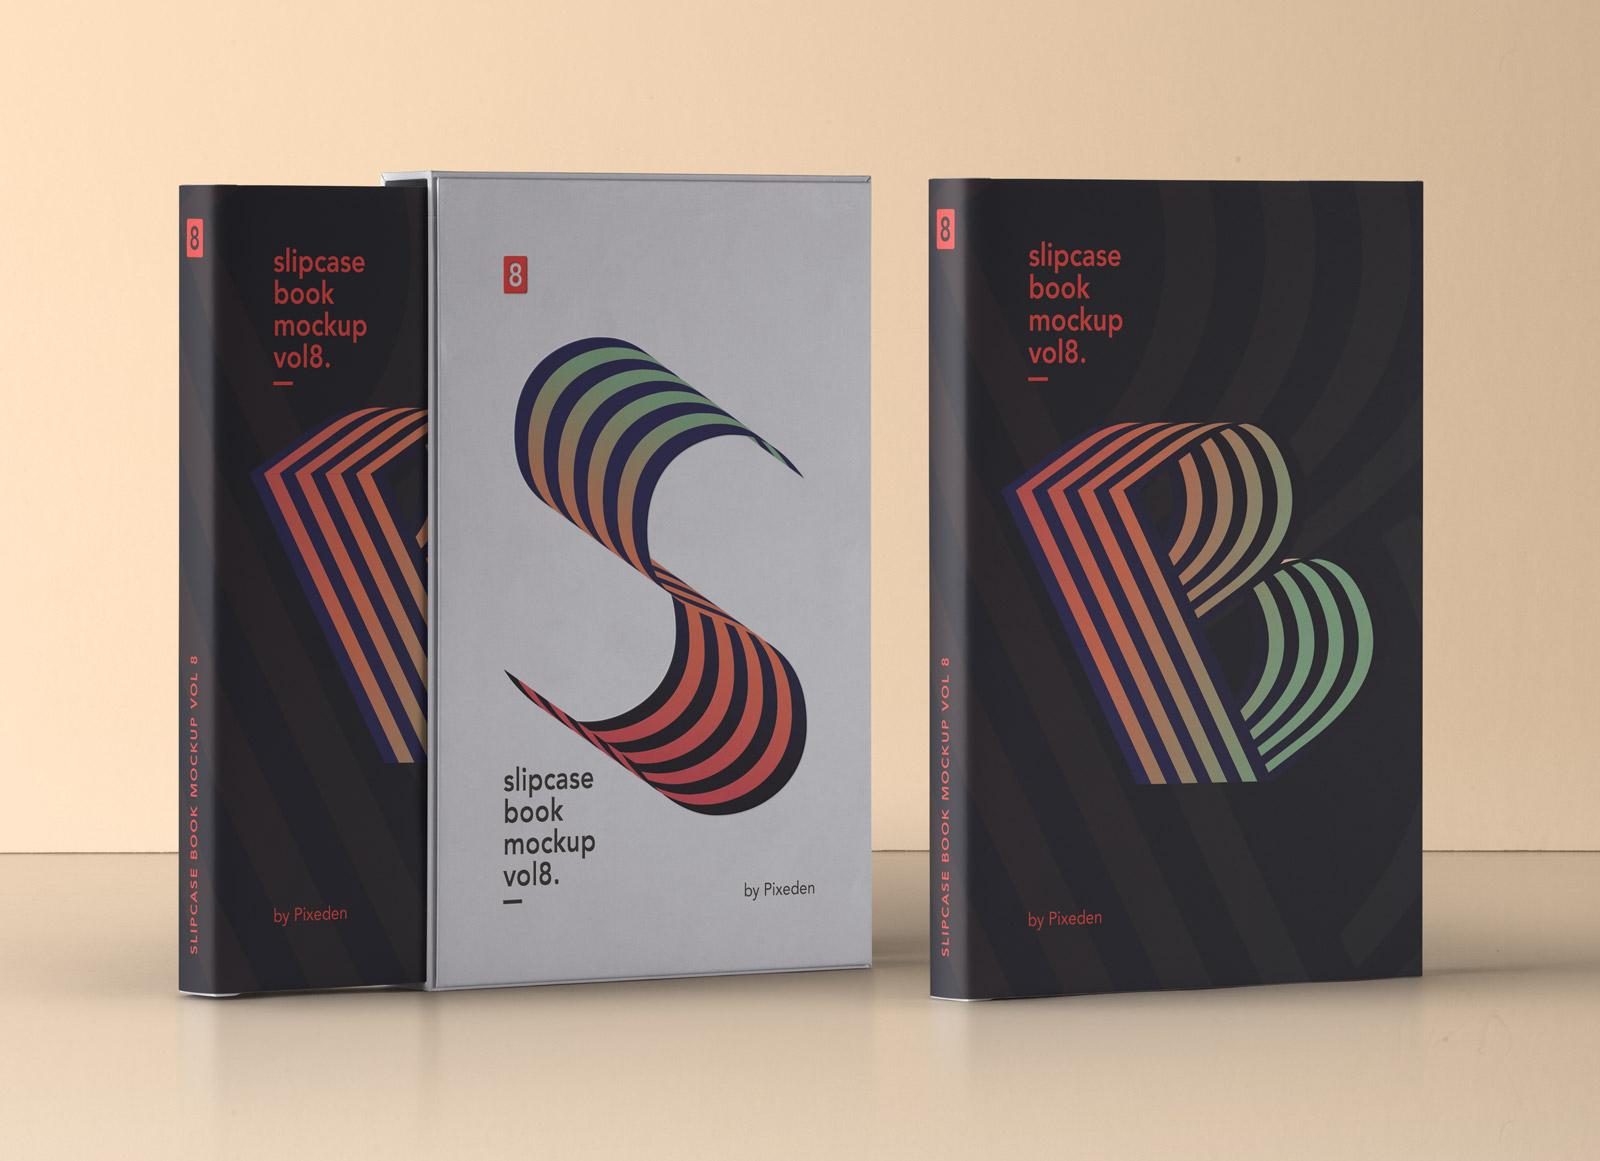 Free-Slipcase-Book-Mockup-PSD